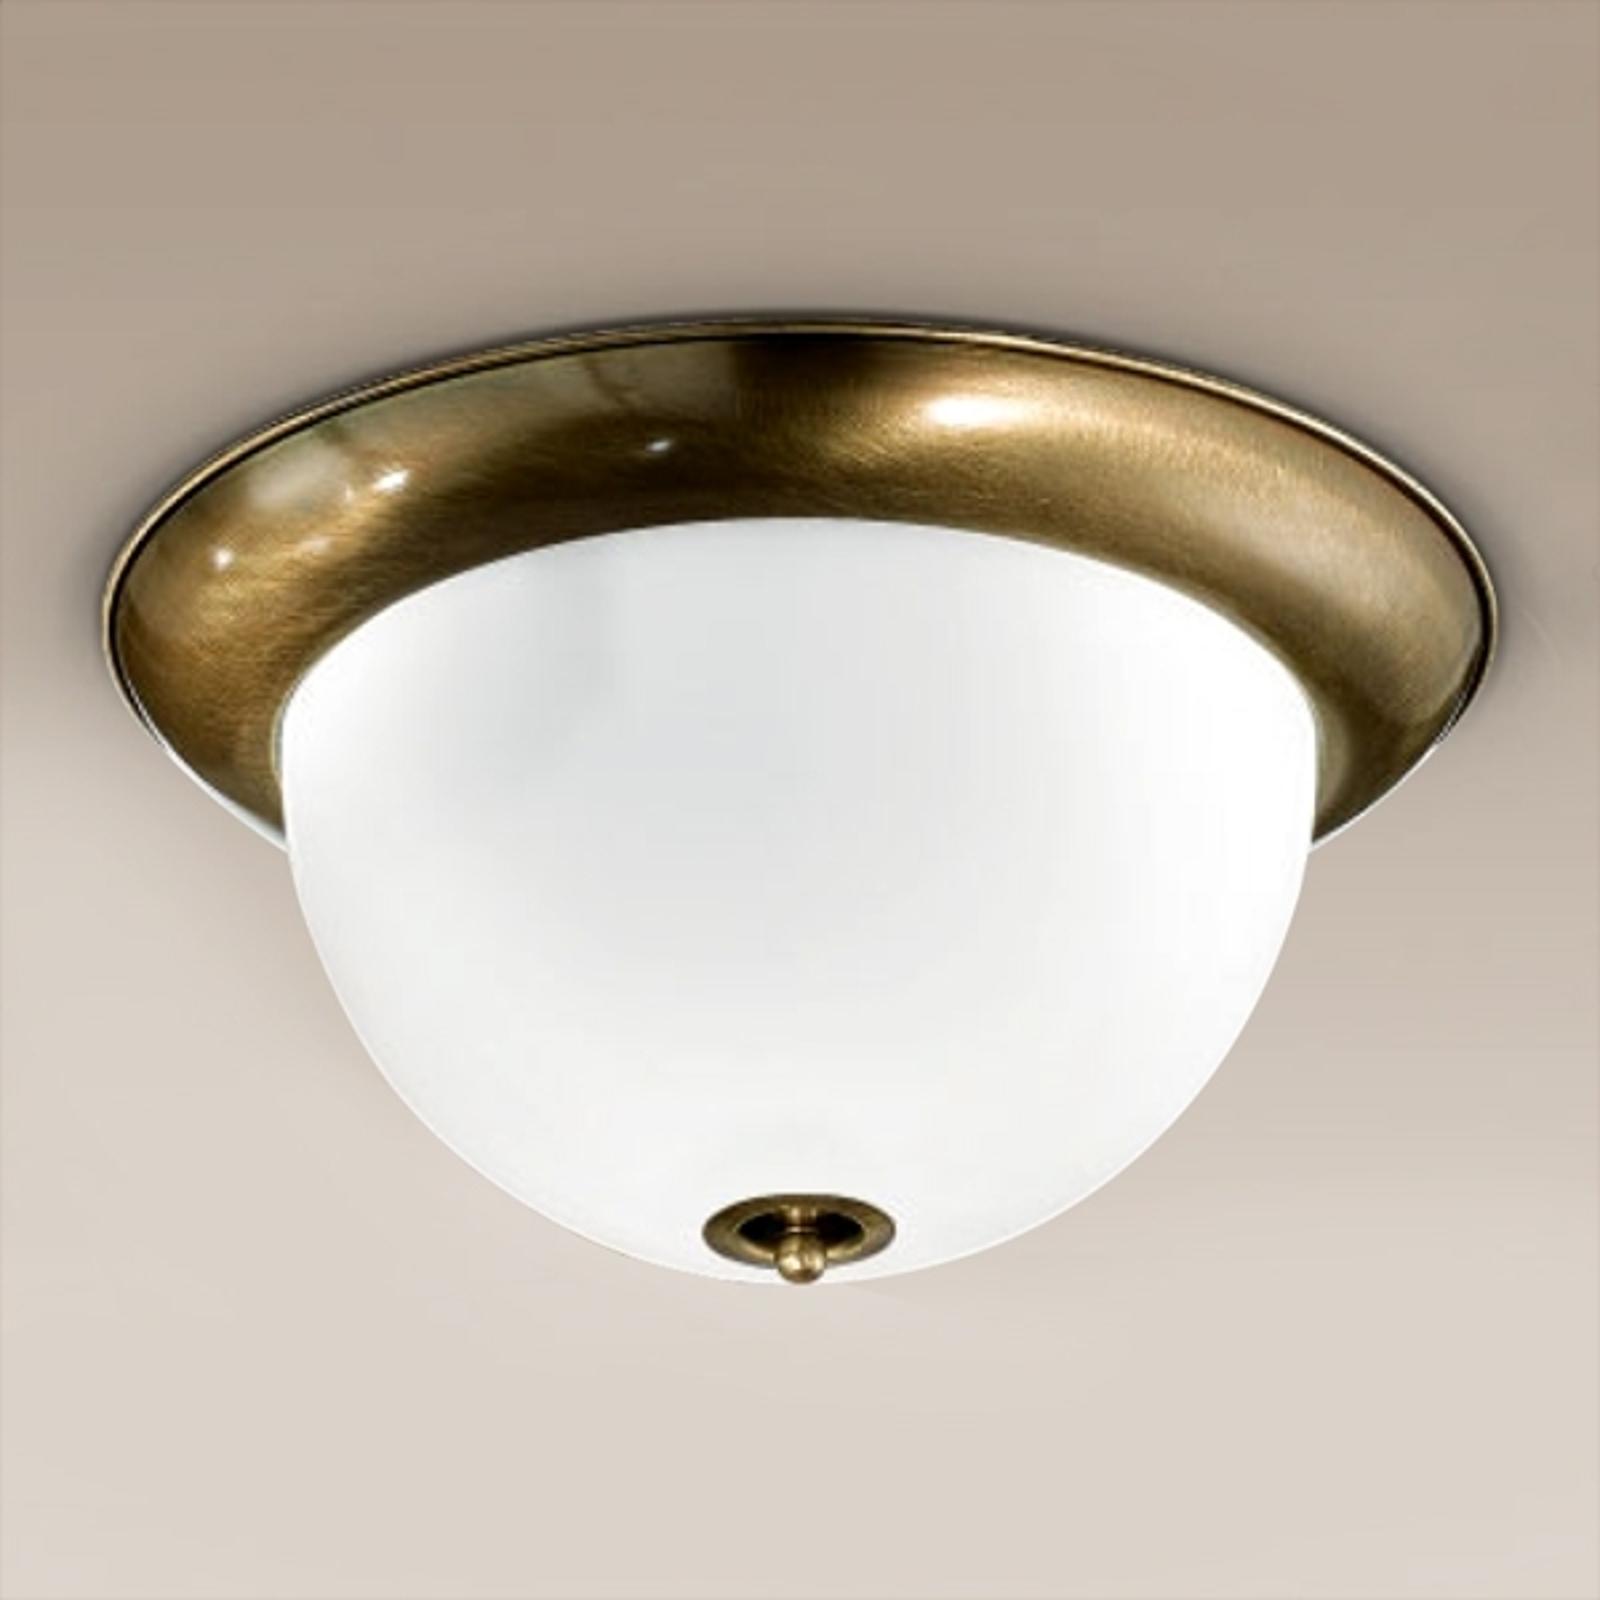 Klassisk plafondlampa Galleria